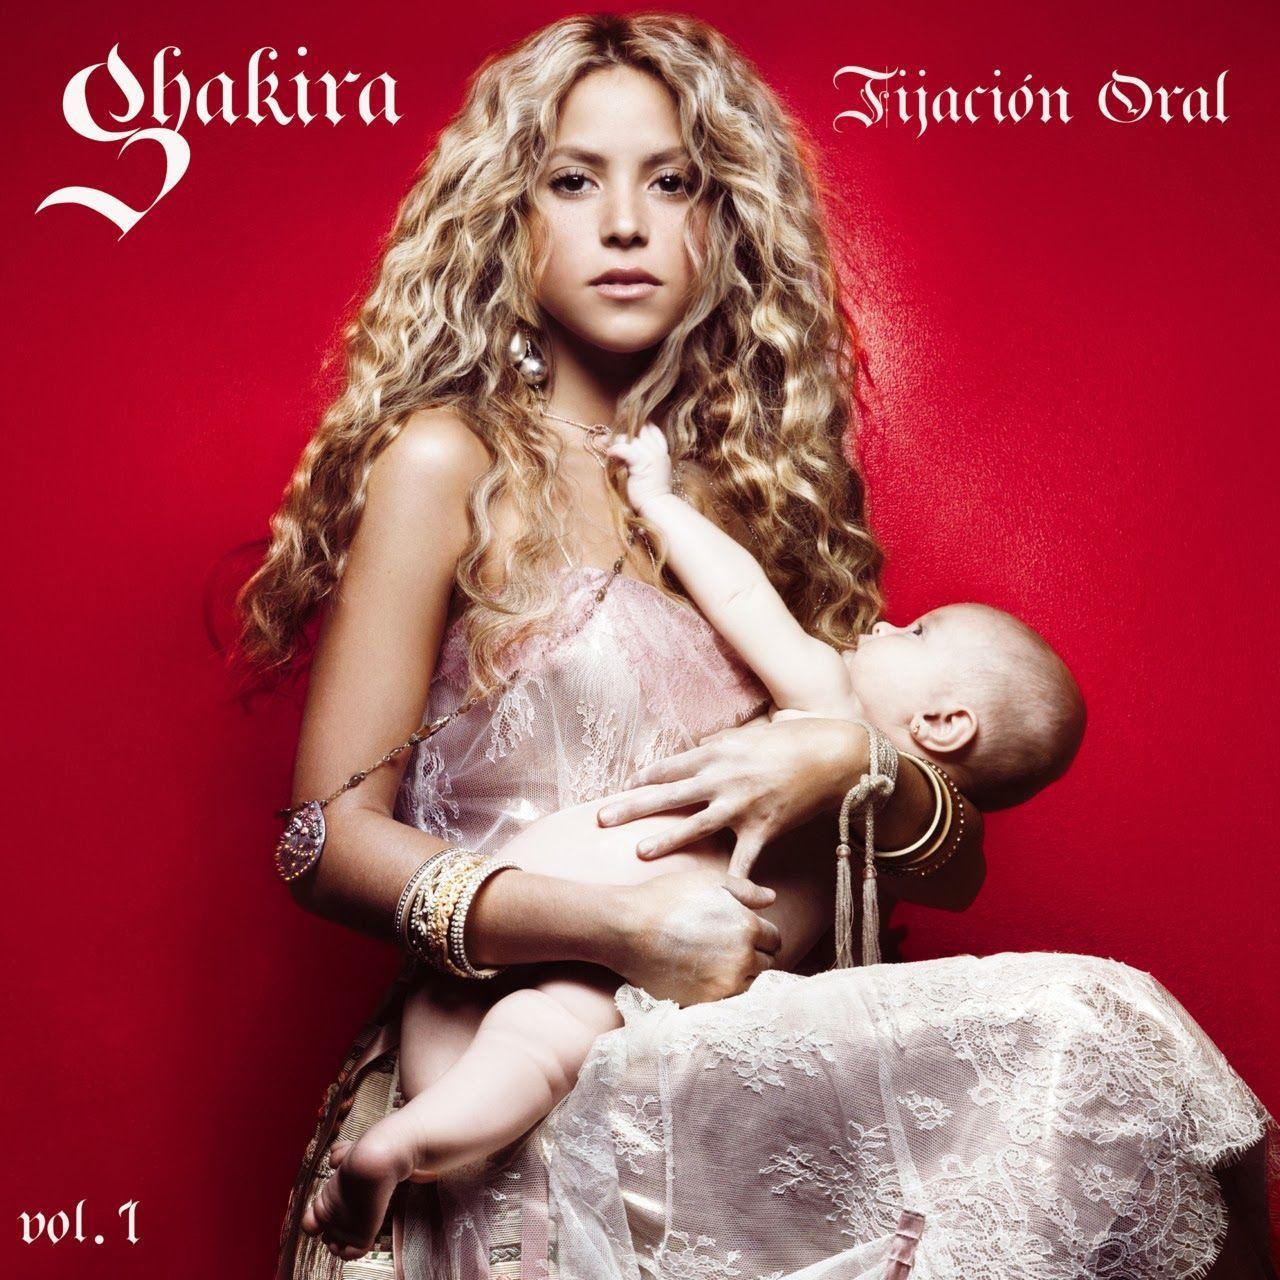 shakira first album